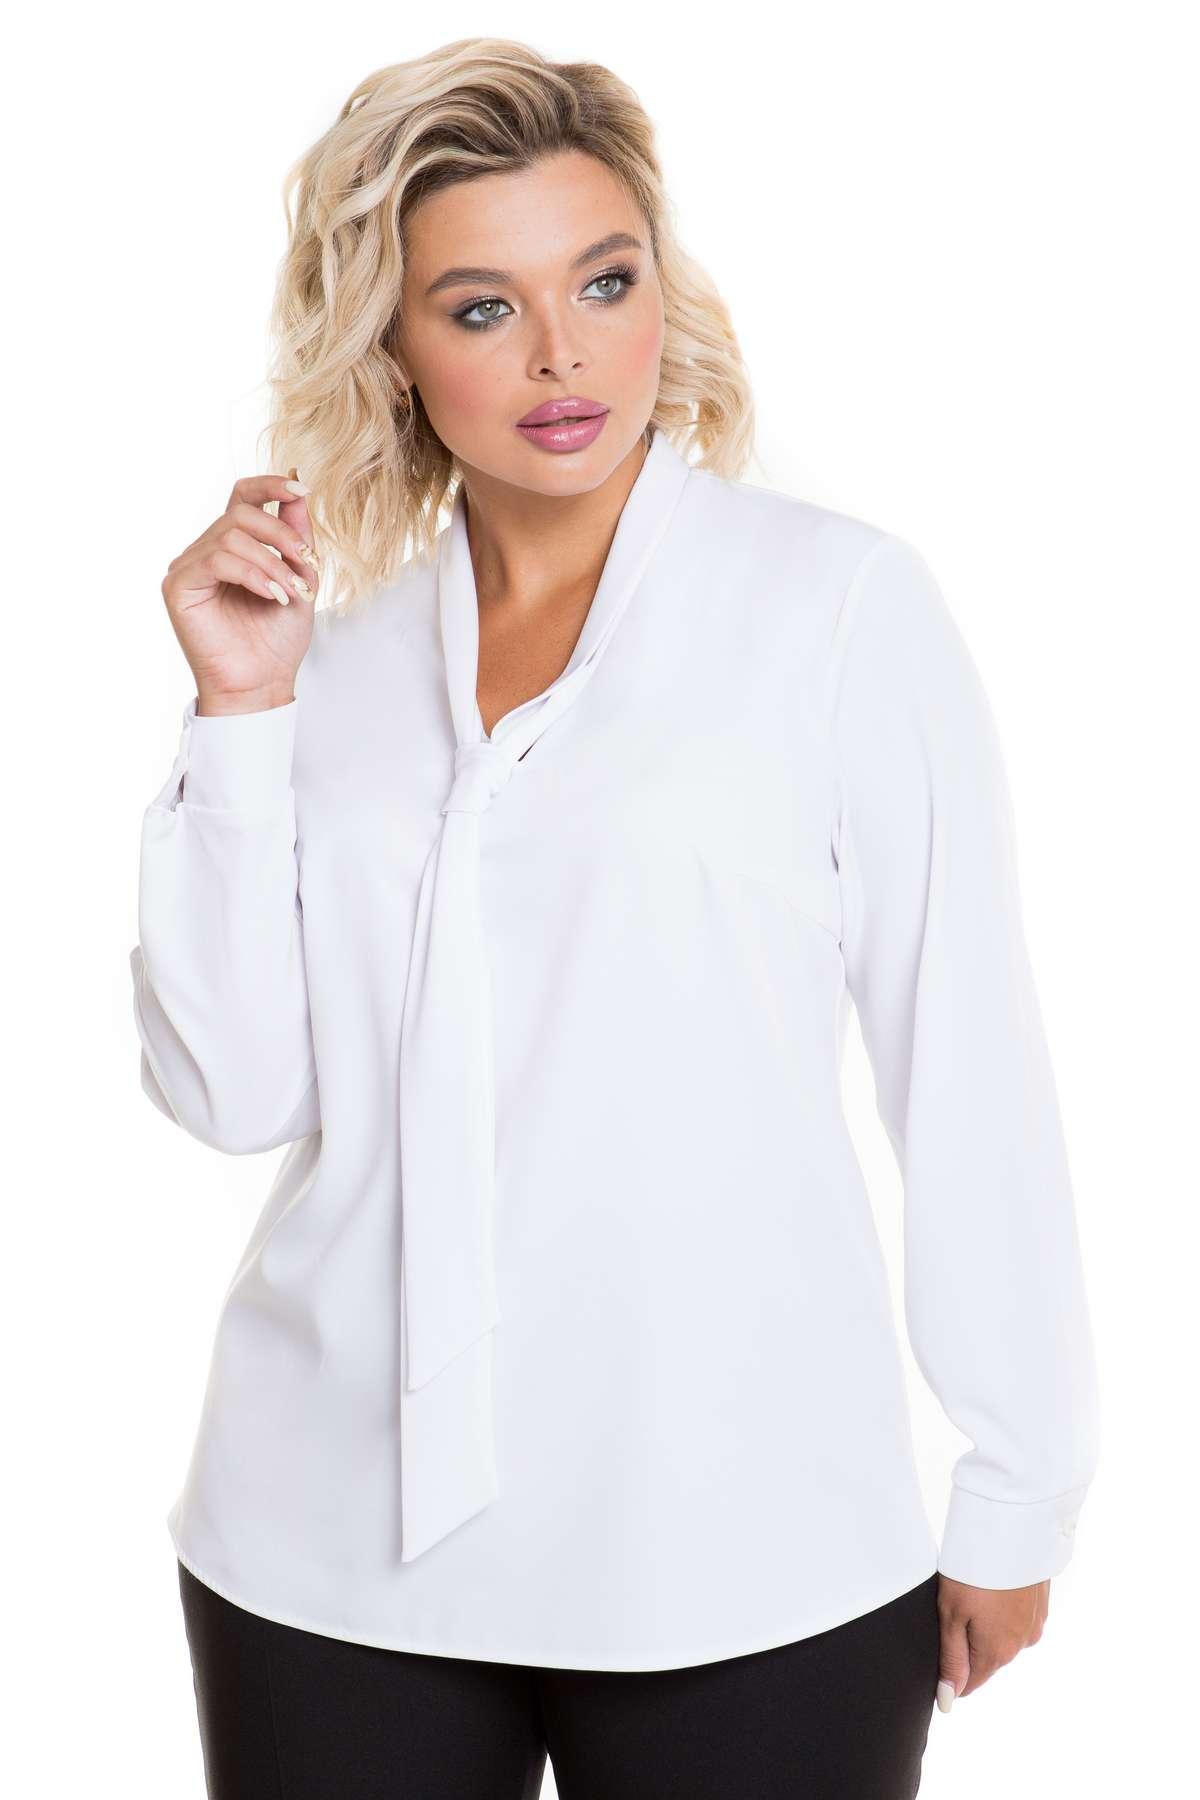 Блузка с воротником-бантом в стиле Коко Шанель,  жилет и другие новинки офисного стиля от Новита